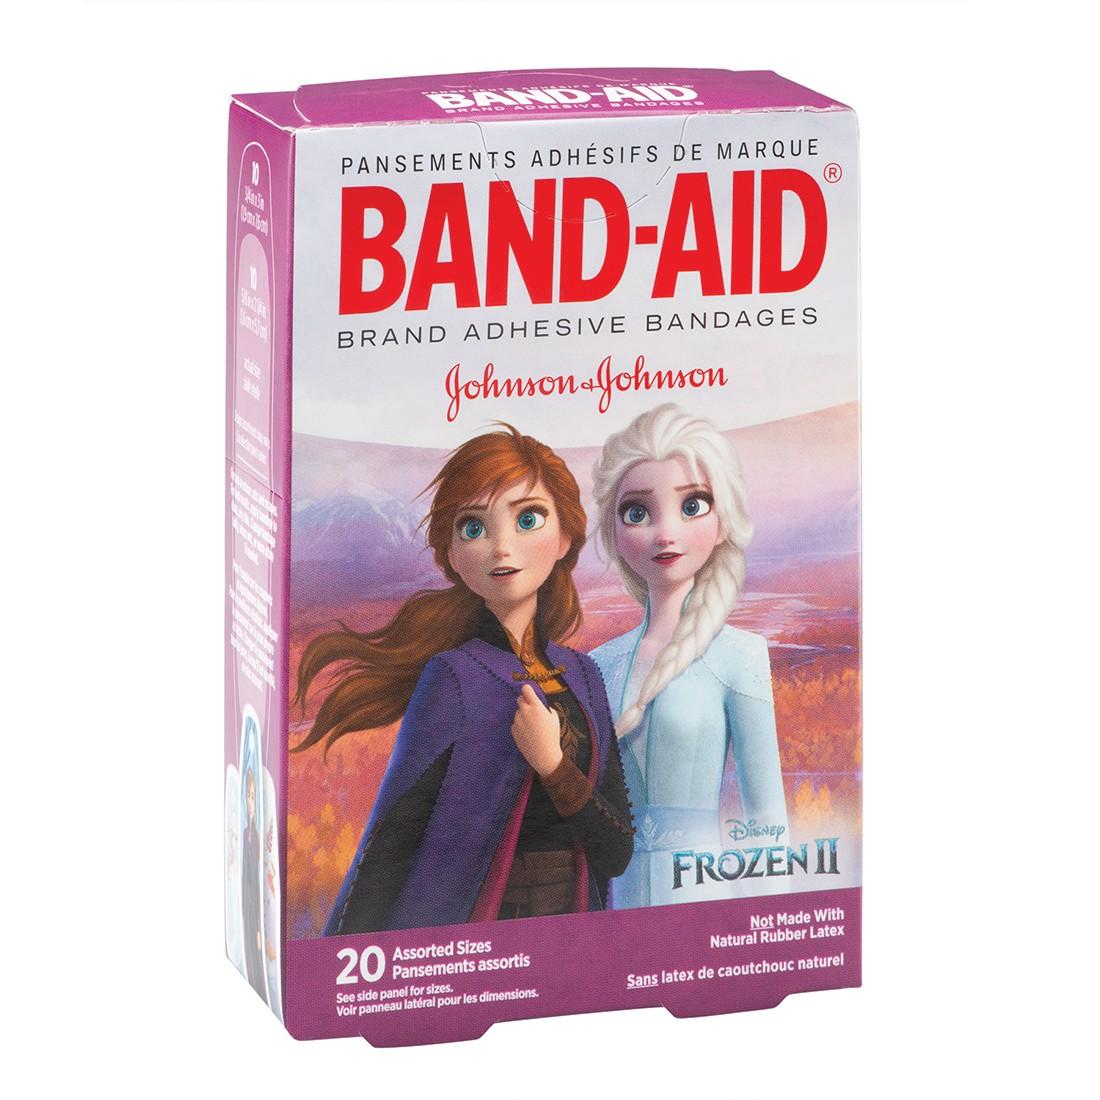 Disney Frozen II Bandages [image]